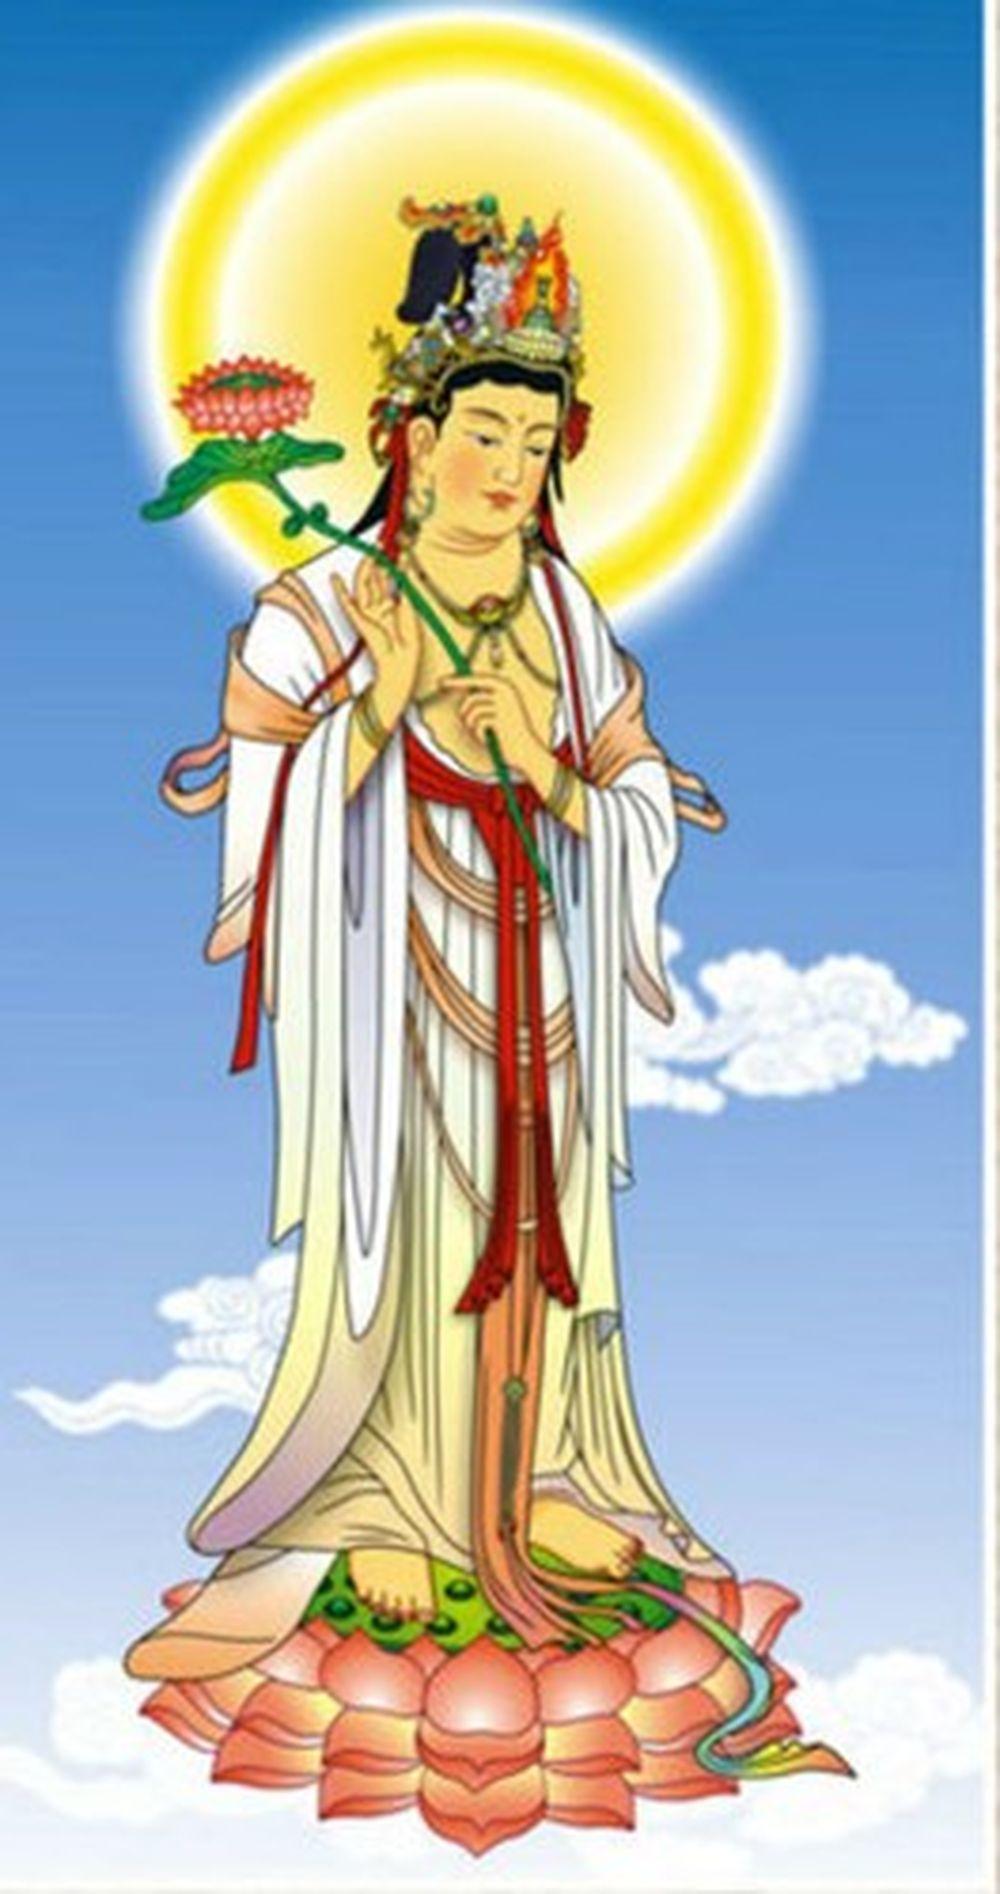 Tuổi Ngọ: Đại Thế Chí Bồ Tát chính là vị Phật hộ mệnh của bạn. Ngài chính là vị Phật trợ giúp bên phải Đức Phật A Di Đà. Ngài thường dùng ...